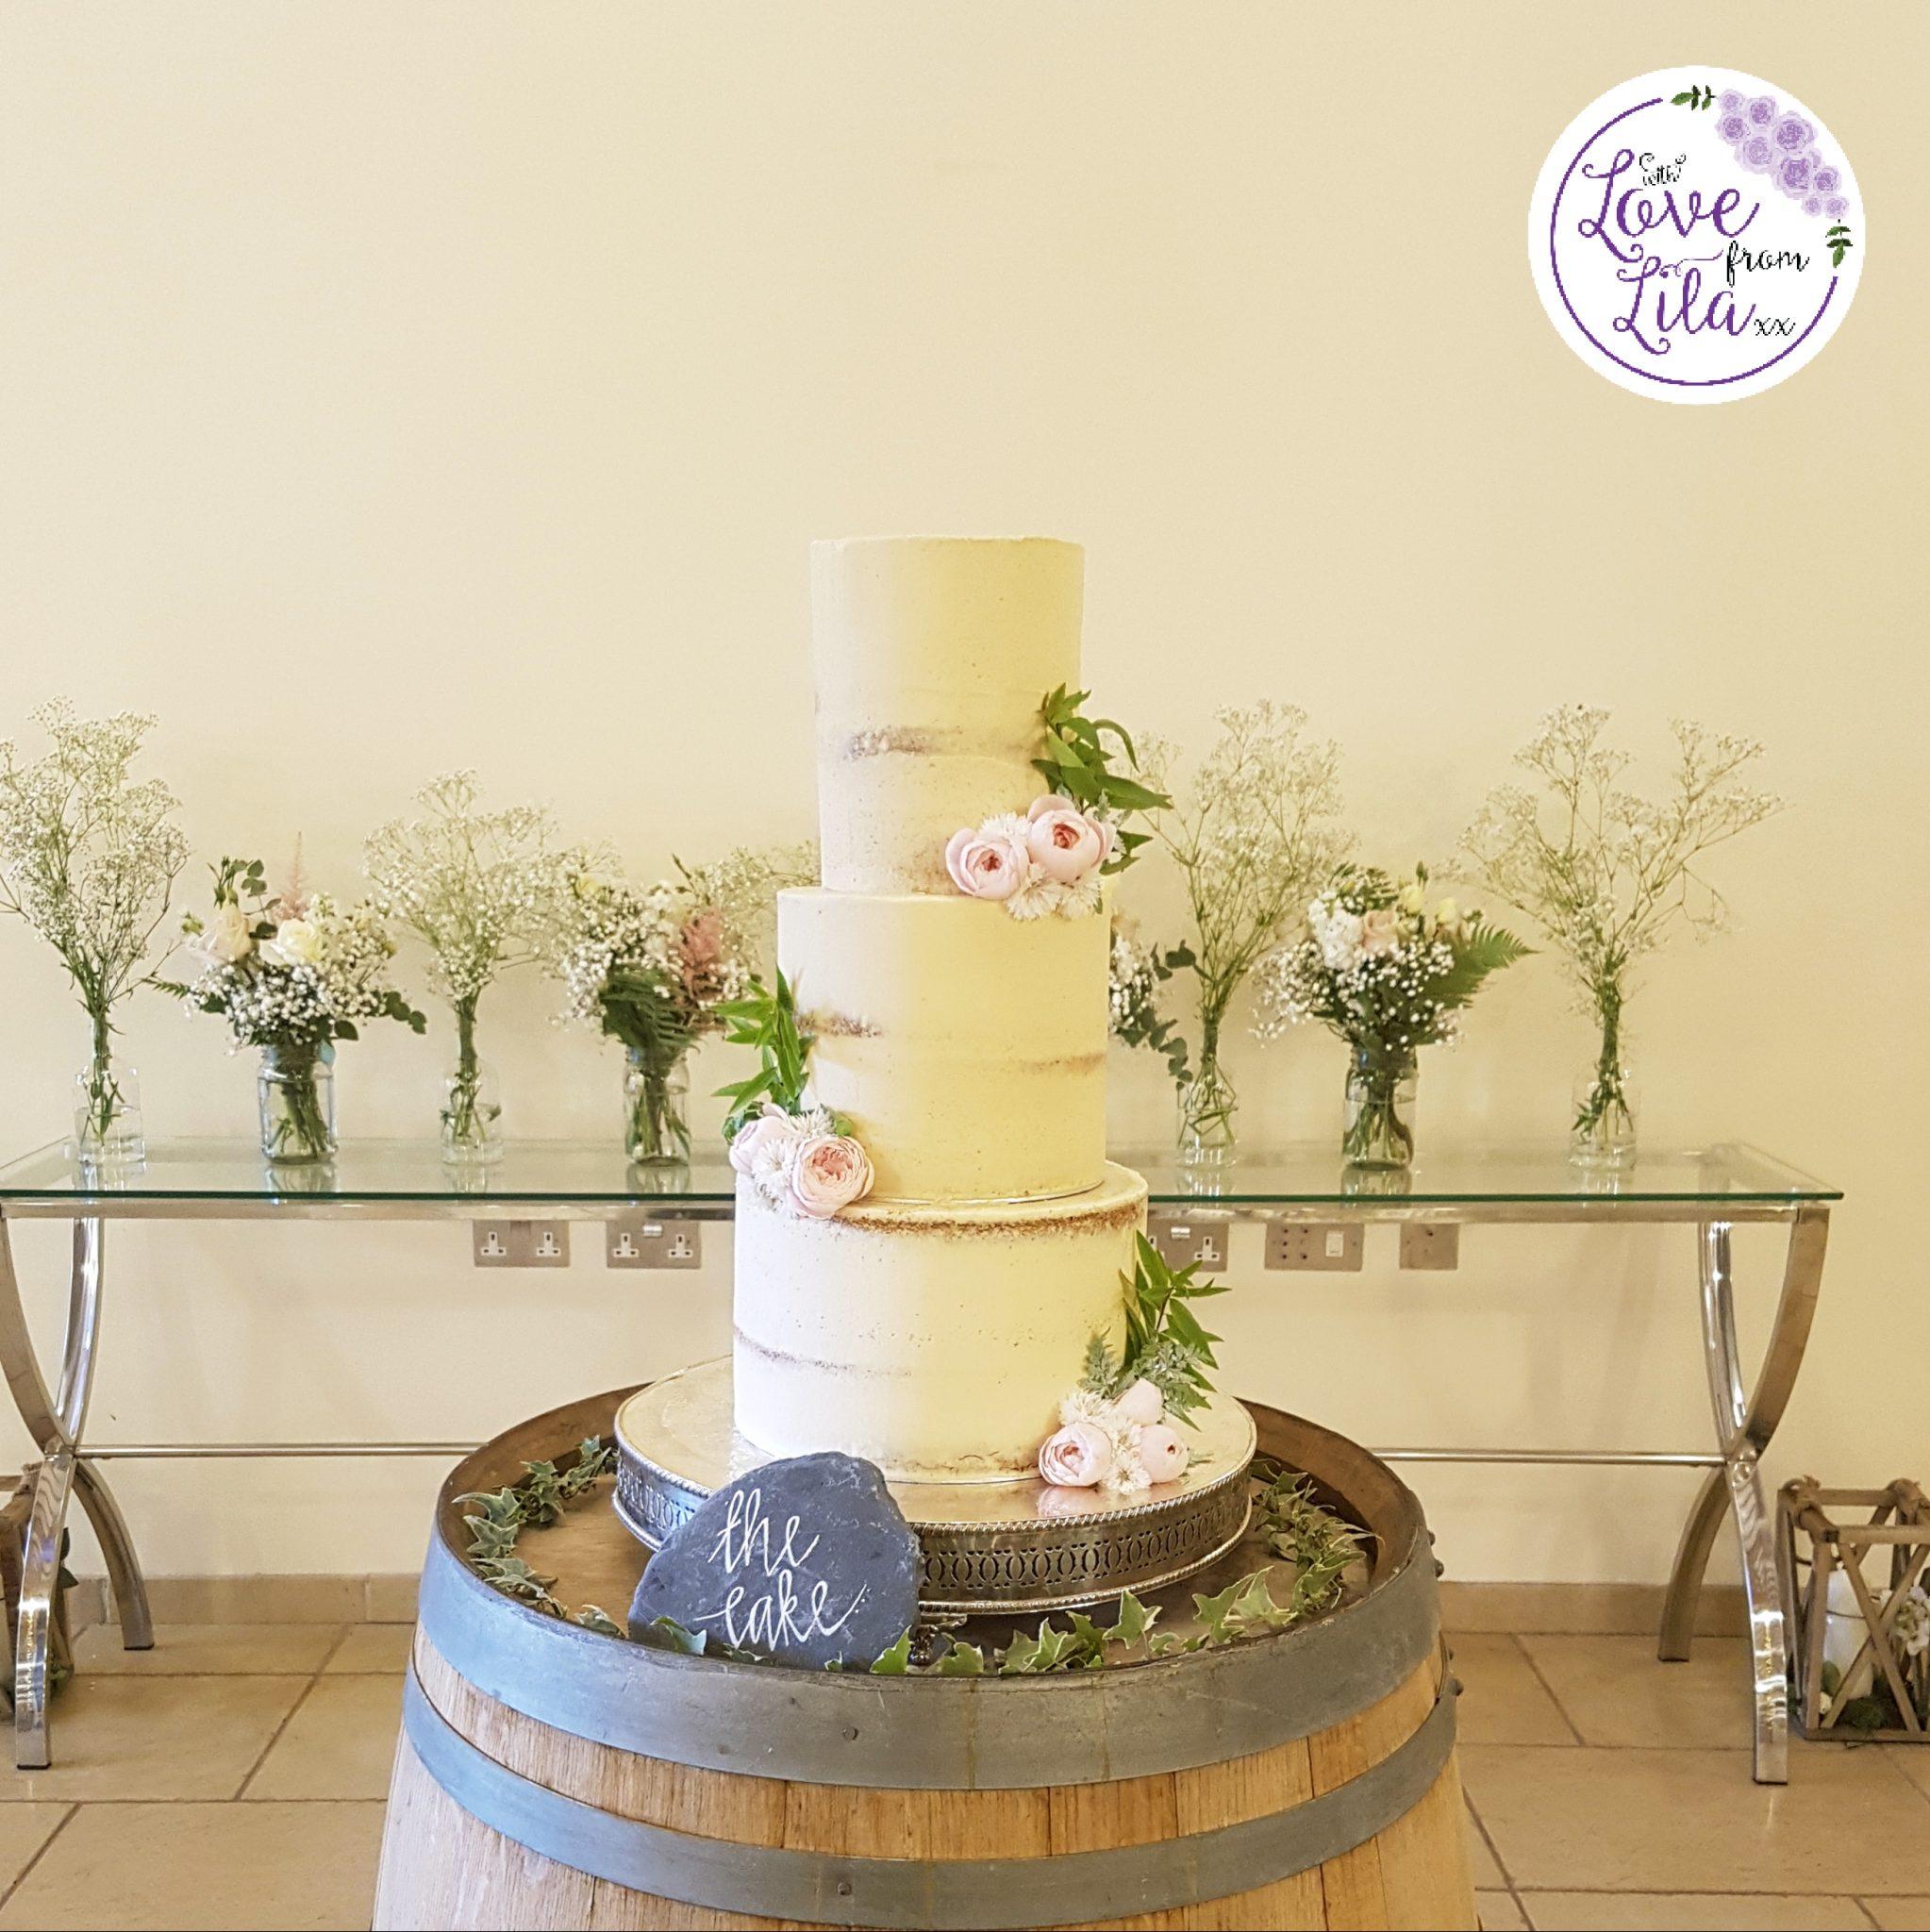 Love from lila xx - Wedding Cake